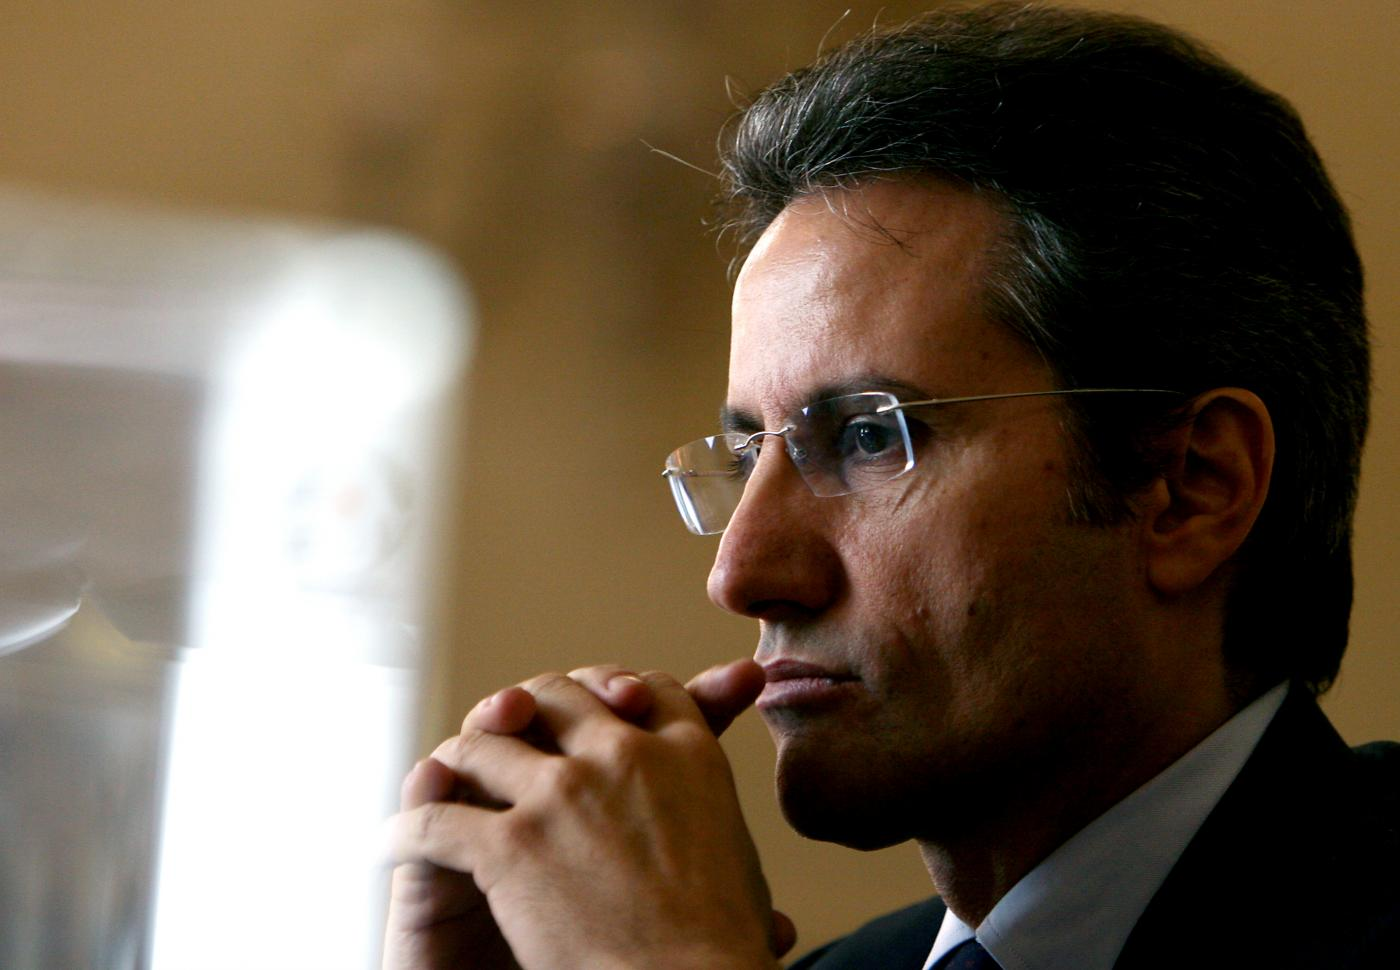 Antonio Scalzone